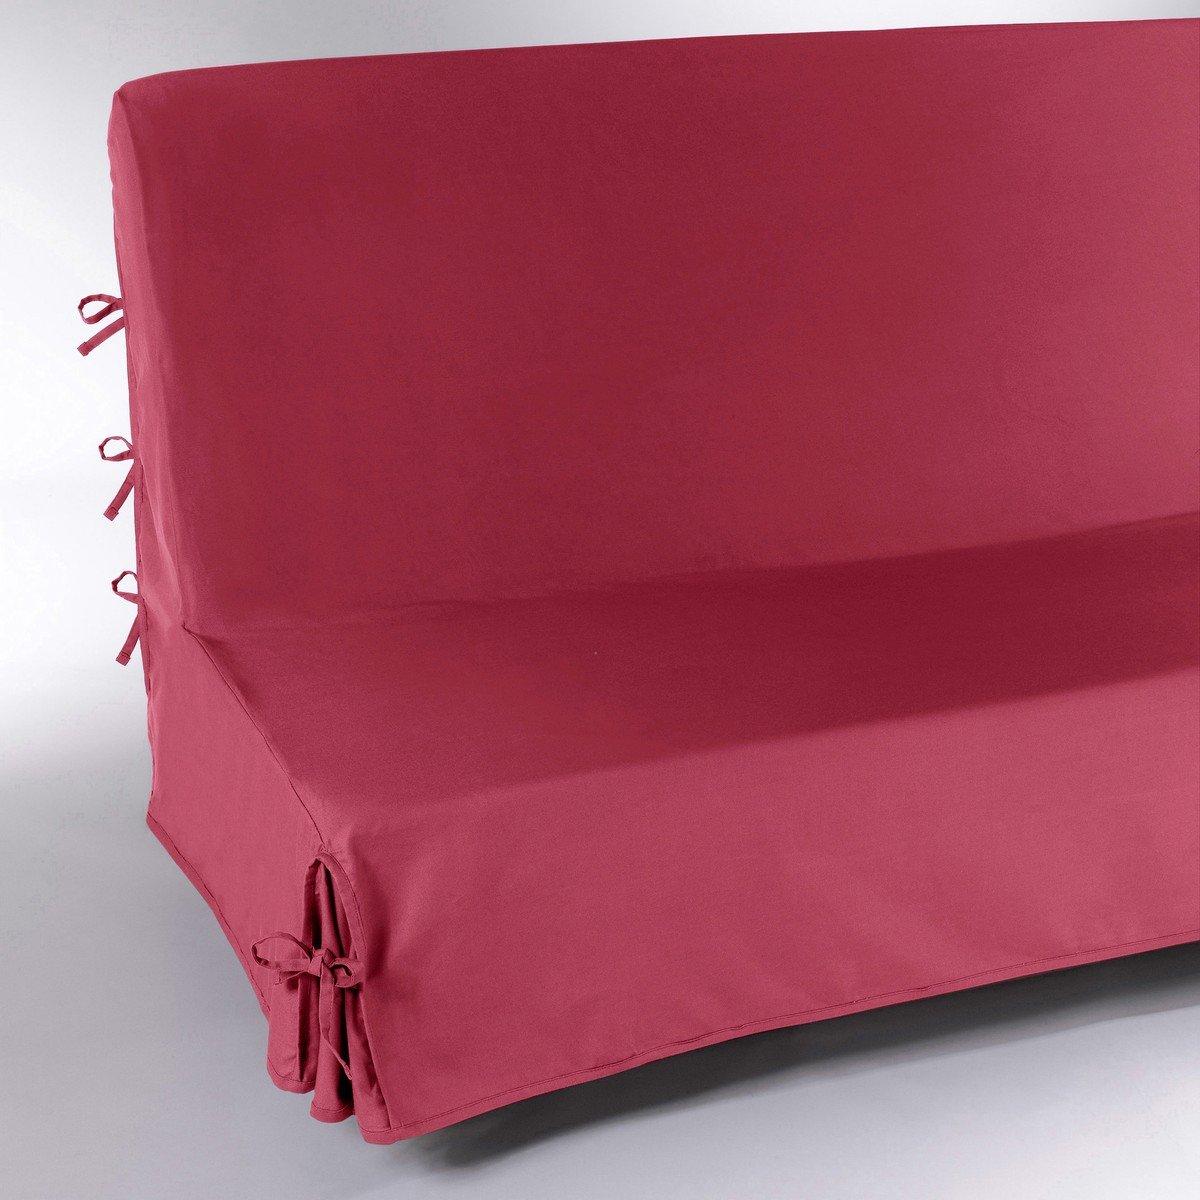 La Redoute Scenario Sofa Clicclac One Size Amarena Amazon